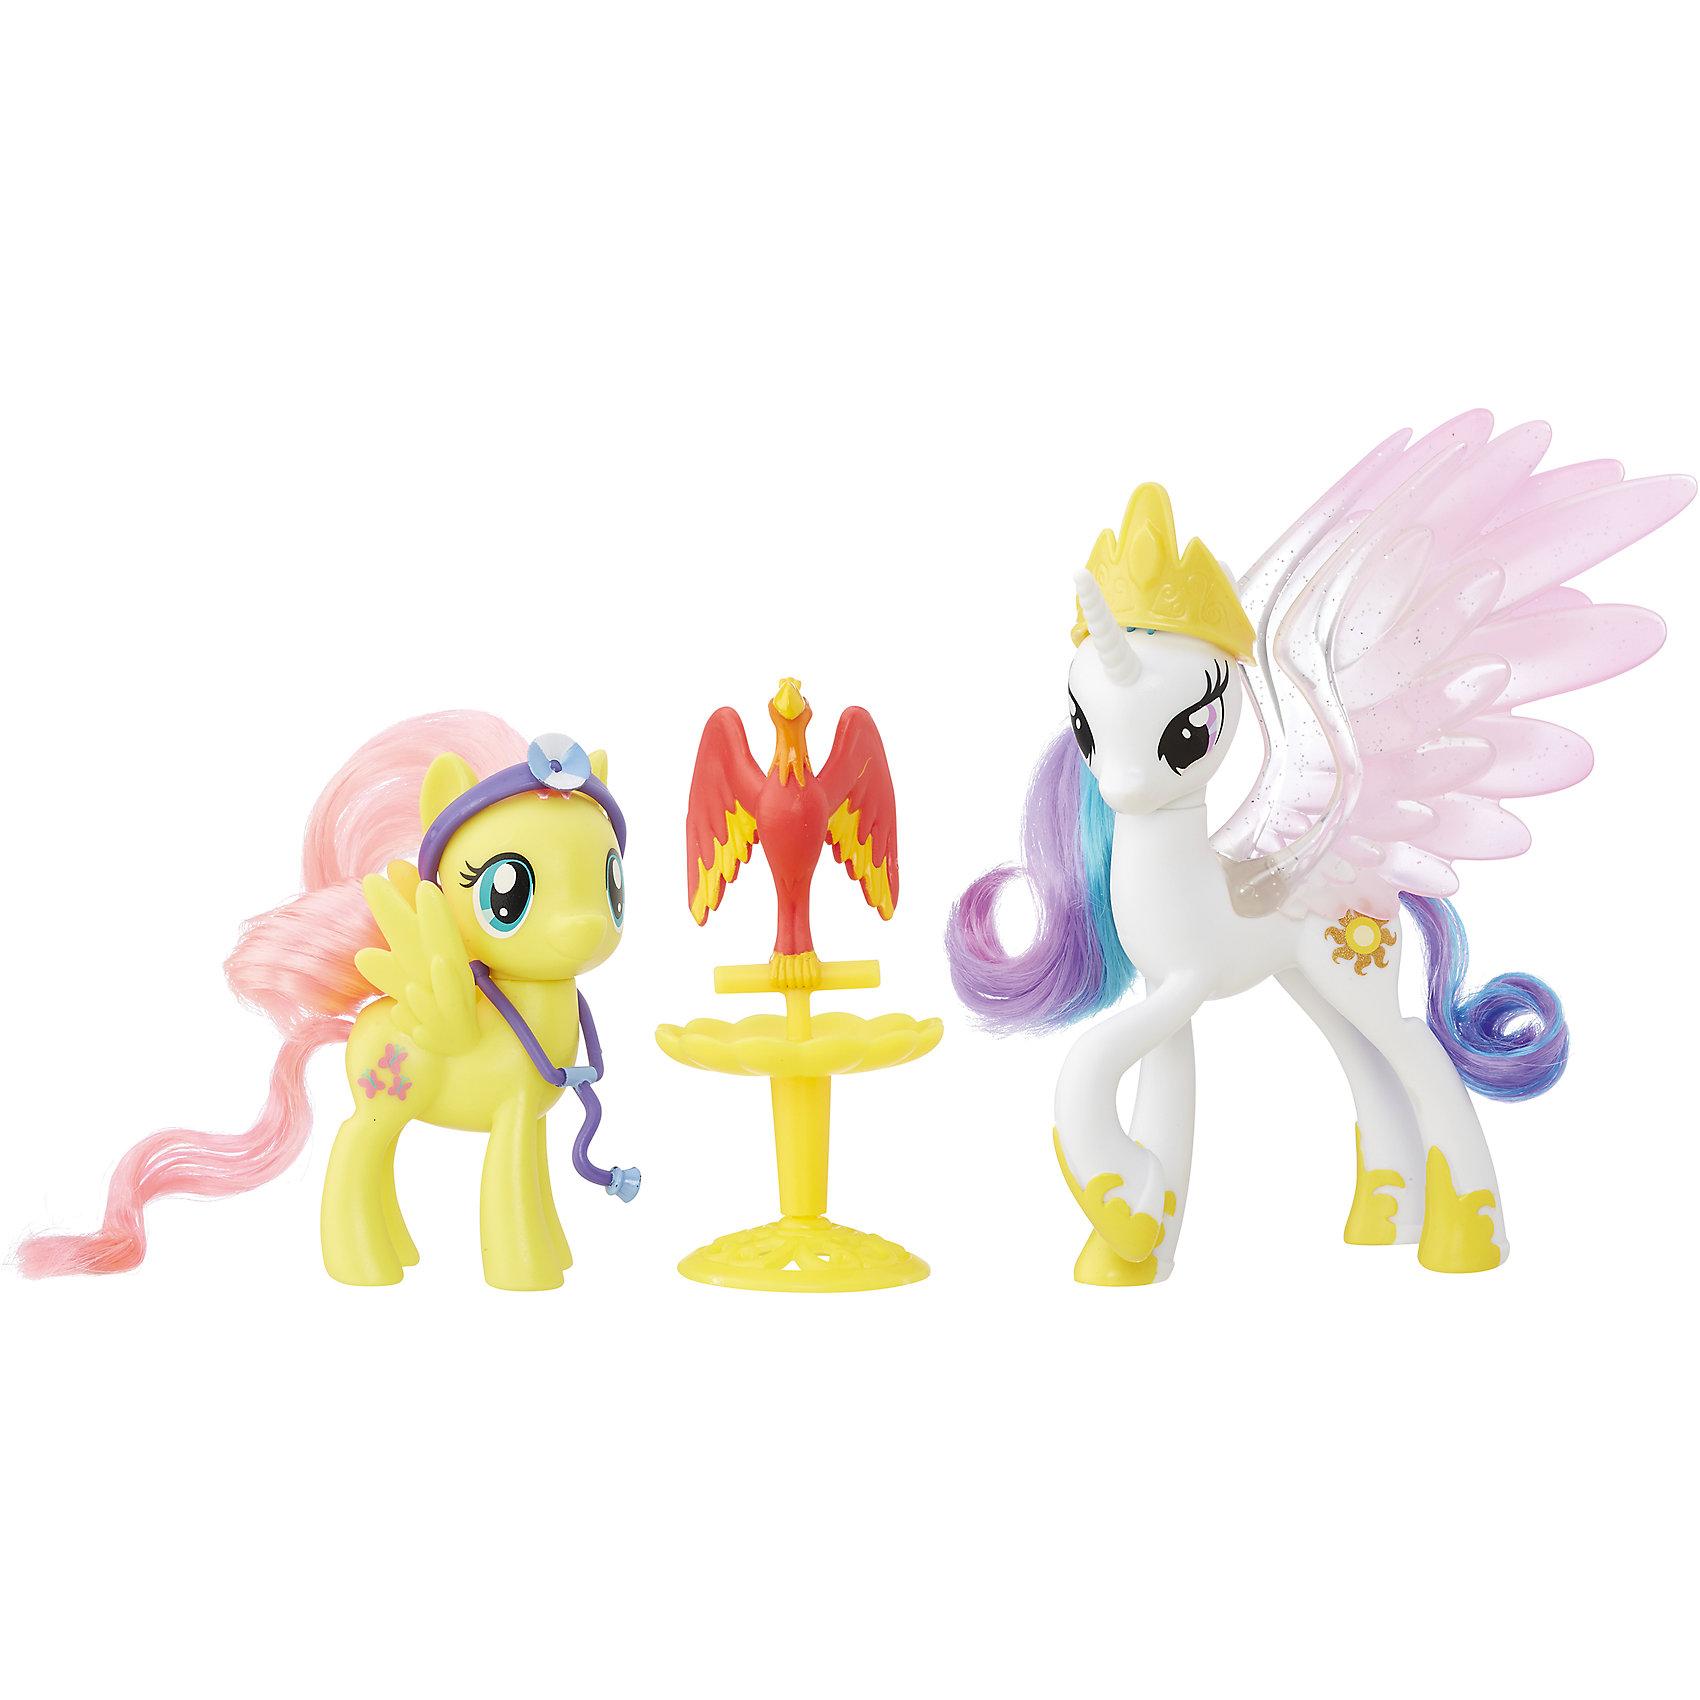 Пони-модницы парочки, My little Pony, Принцесса Селестия и Флаттершай B9160/B9849Любимые герои<br>Характеристики:<br><br>• Вид игр: сюжетно-ролевые, коллекционирование<br>• Пол: для девочек<br>• Коллекция: My little Pony<br>• Материал: пластик<br>• Высота фигурки: 7,5 см<br>• Комплектация: две фигурки пони, птица Филамина, стойка для птицы, медицинские аксессуары<br>• Вес в упаковке: 290 г<br>• Размеры упаковки (Г*Ш*В): 27*7,5*24 см<br>• Упаковка: блистер на картонной подложке<br><br>Пони-модницы парочки: Принцесса Селестия и Флаттершай, My little Pony, B9160/B9849 – это новая коллекция бренда My little Pony от Хасбро. В коллекции представлены фигурки семейные пары с малышом-пони и аксессуарами для ухода за ним. В комплекте предусмотрена аксессуары и инструменты для ролевой игры: фигурки принцессы Селестии и Флаттершай, которые ухаживают за больной птицей Филаминой. Фигурки и аксессуары выполнены из экологически безопасного и прочного пластика, который устойчив к физическим и механическим повреждениям, окрашены нетоксичными яркими красками, которые не изменяют свой цвет даже при длительной эксплуатации. Игры с такими фигурками будут способствовать развитию фантазии и воображения. Пони-модницы парочки: Принцесса Селестия и Флаттершай, My little Pony, B9160/B9849 – это замечательный подарок для девочки к любому празднику!<br><br>Пони-модниц парочки: Принцесса Селестия и Флаттершай, My little Pony, B9160/B9849 можно купить в нашем интернет-магазине.<br><br>Ширина мм: 67<br>Глубина мм: 254<br>Высота мм: 235<br>Вес г: 363<br>Цвет: желтый/белый<br>Возраст от месяцев: 36<br>Возраст до месяцев: 120<br>Пол: Женский<br>Возраст: Детский<br>SKU: 5363520